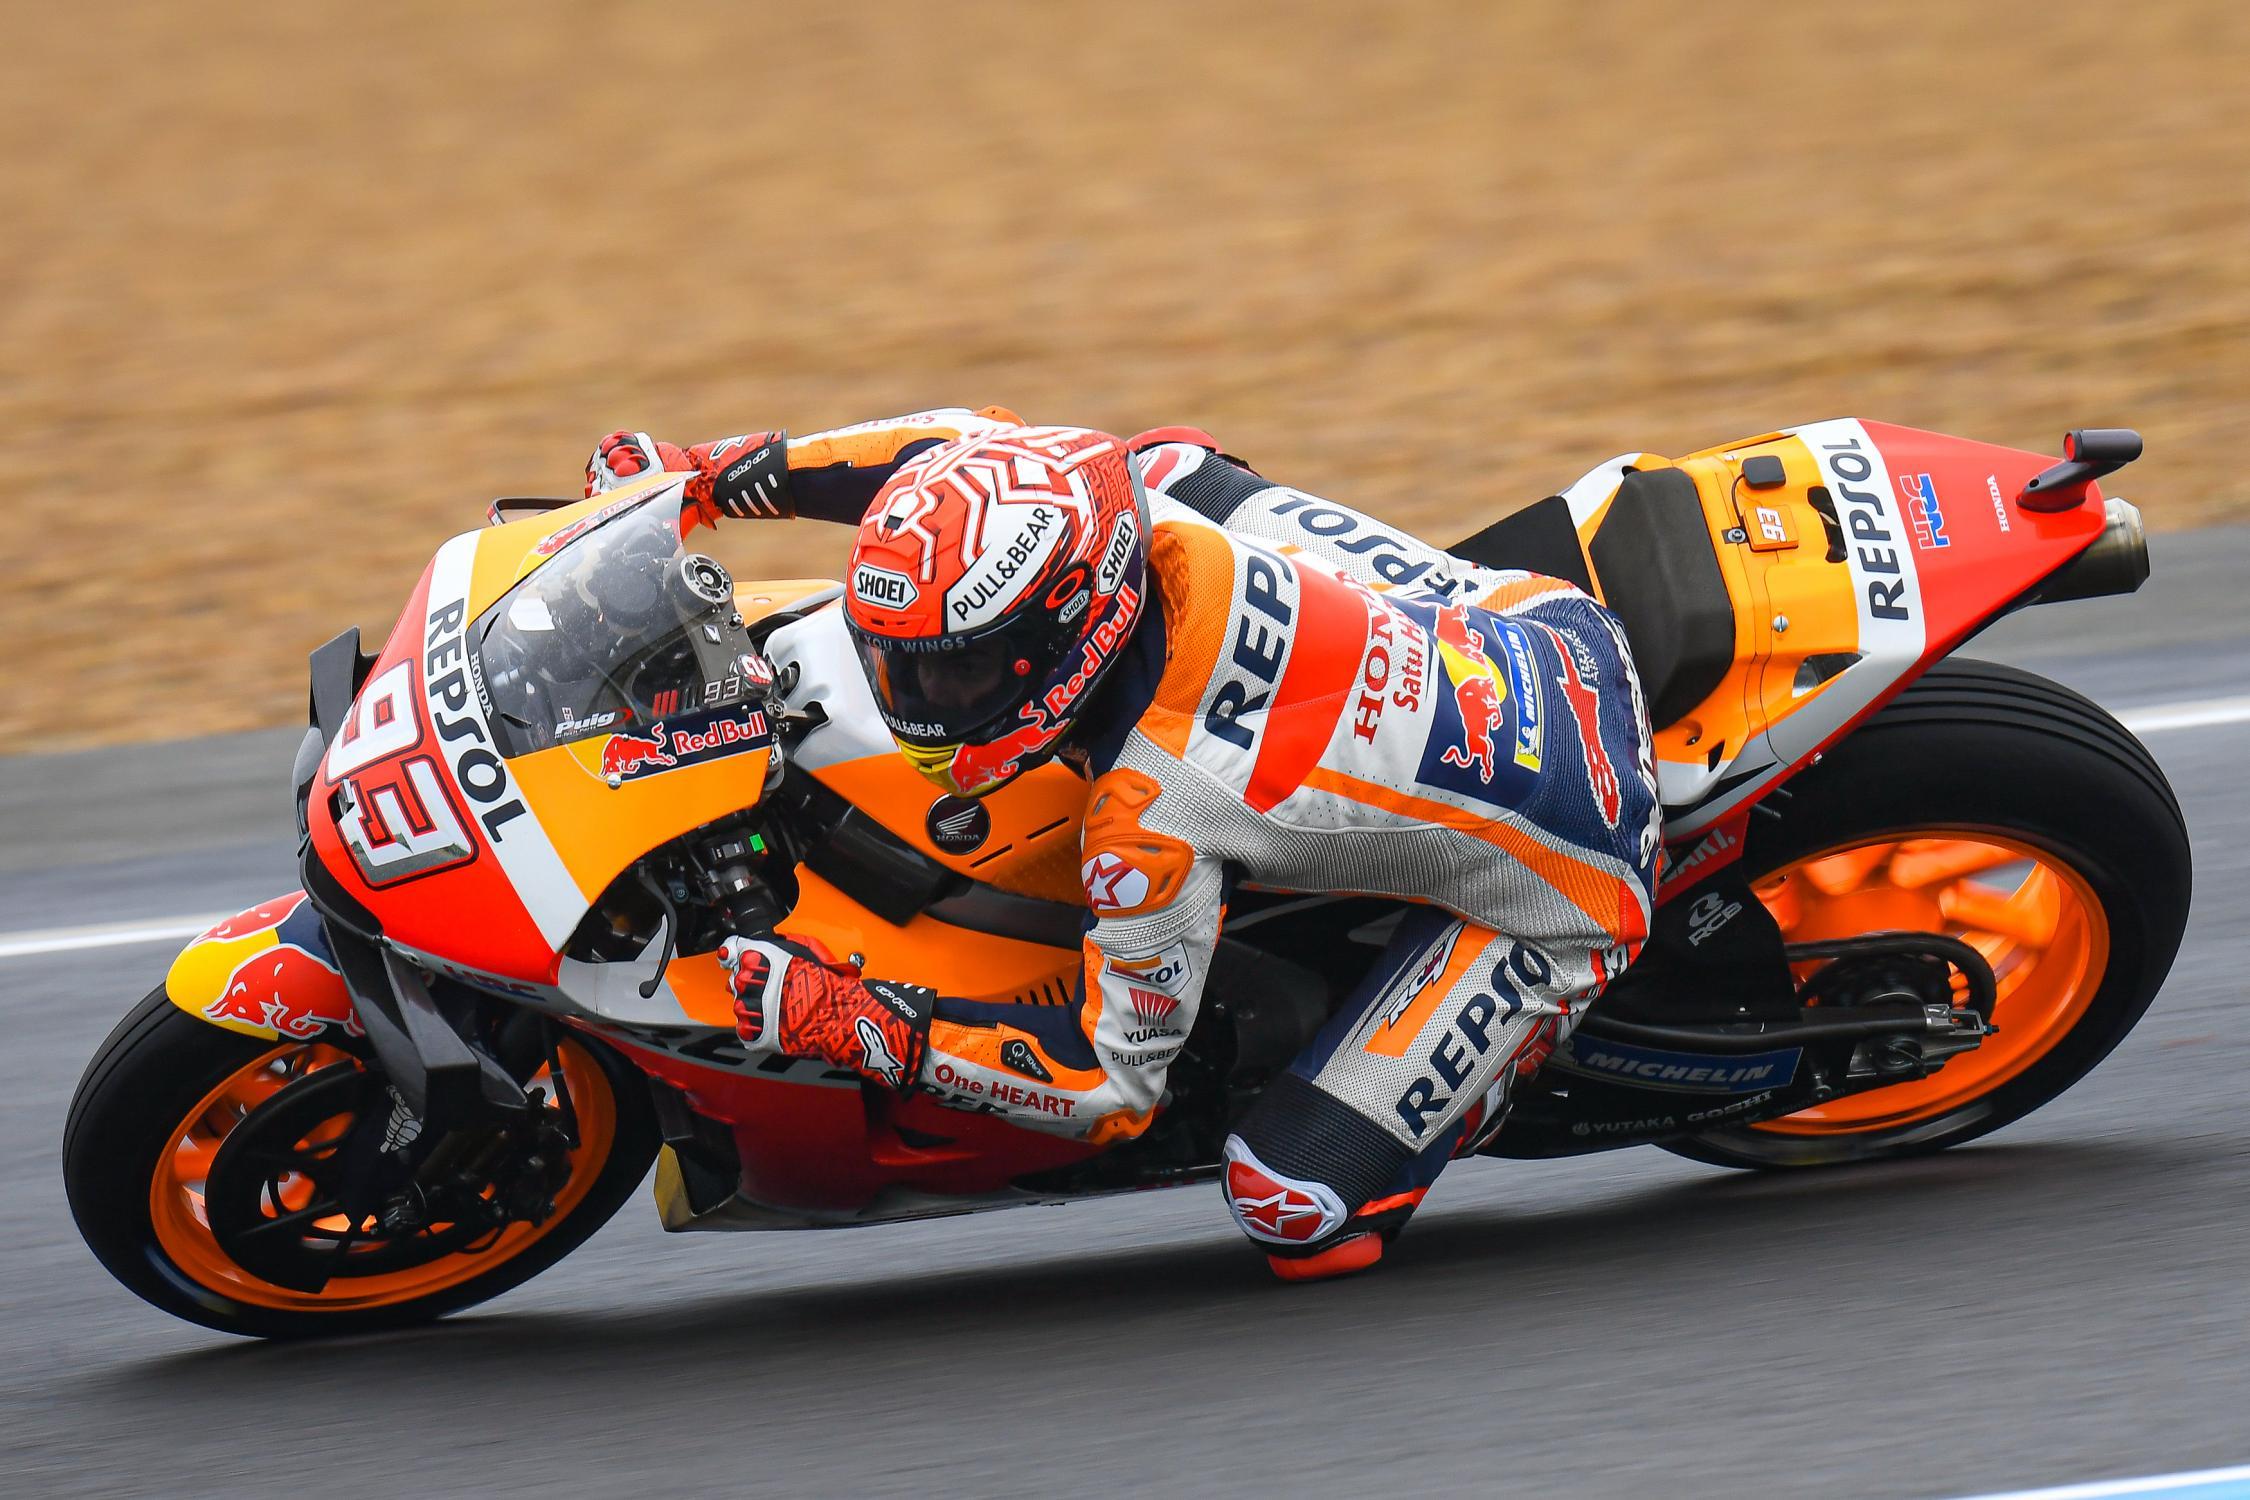 MOTO GP -GRAND PRIX DE FRANCE DU 17 AU 19 MAI 2019 - Page 2 Marc-marquez-le-mans-motogp-2019-samedi